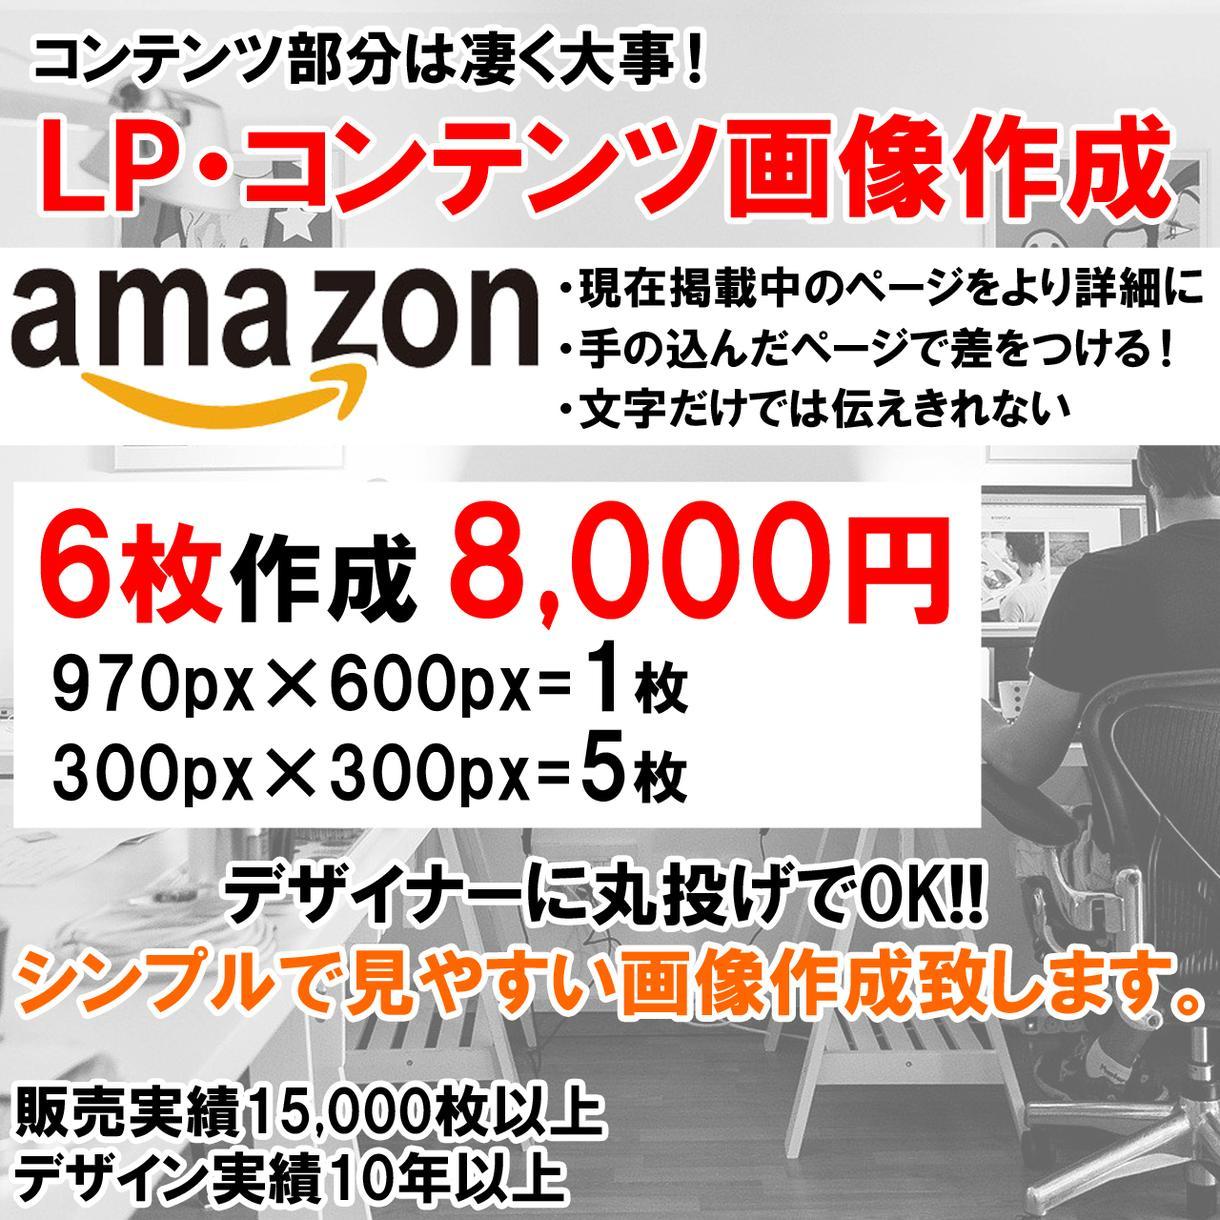 Amazonのコンテンツ画像作成します Amazon物販・転売ビジネスで売上にお悩みの方へ イメージ1